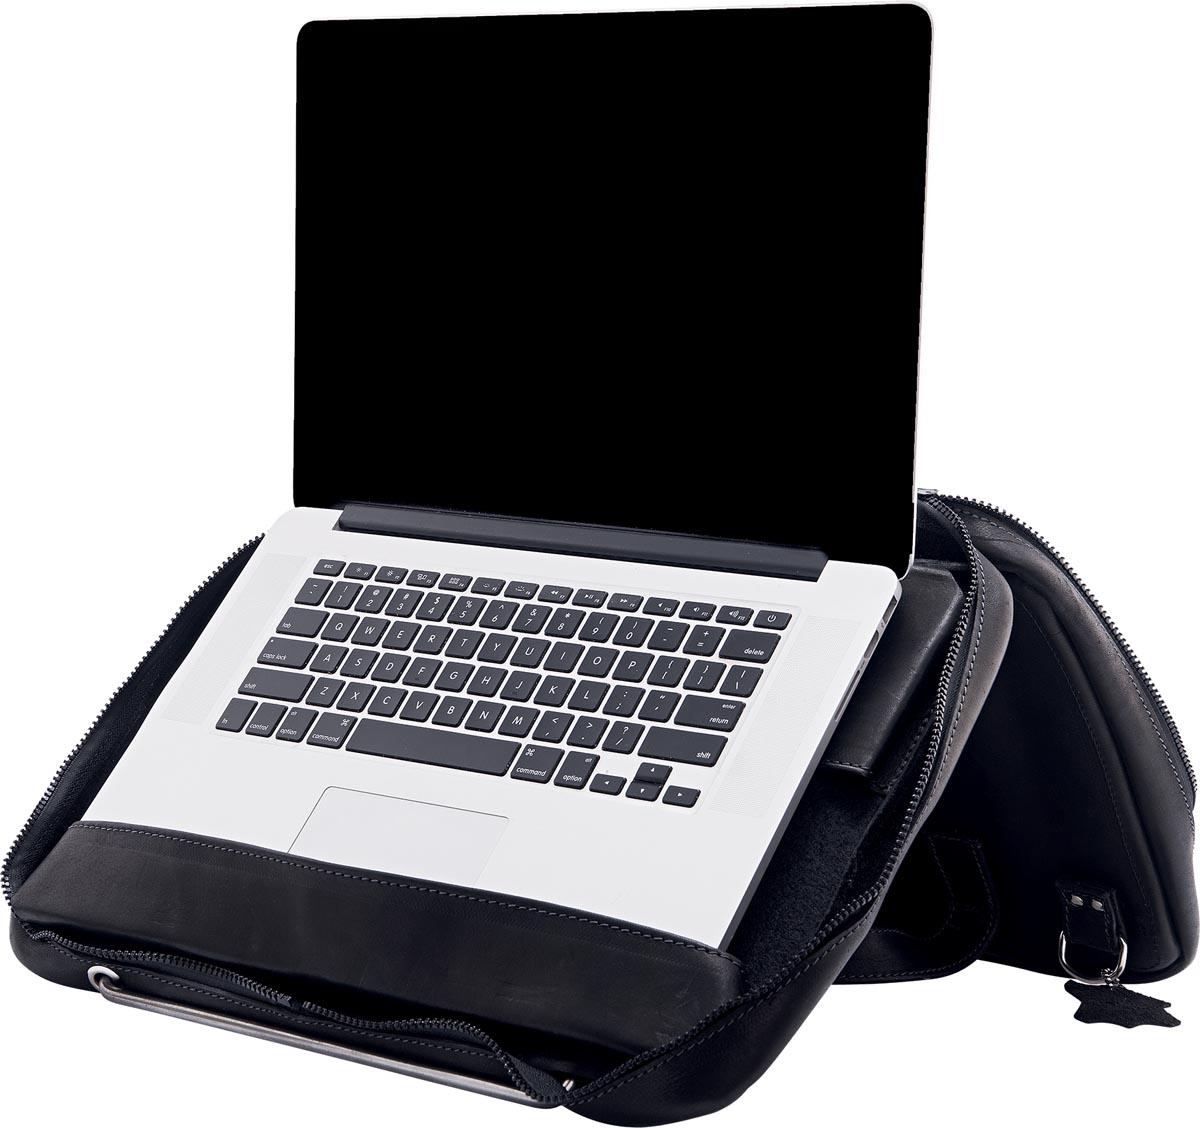 R-Go Viva laptoptas met geïntegreerde laptopstandaard, voor laptops tot 15,6 inch